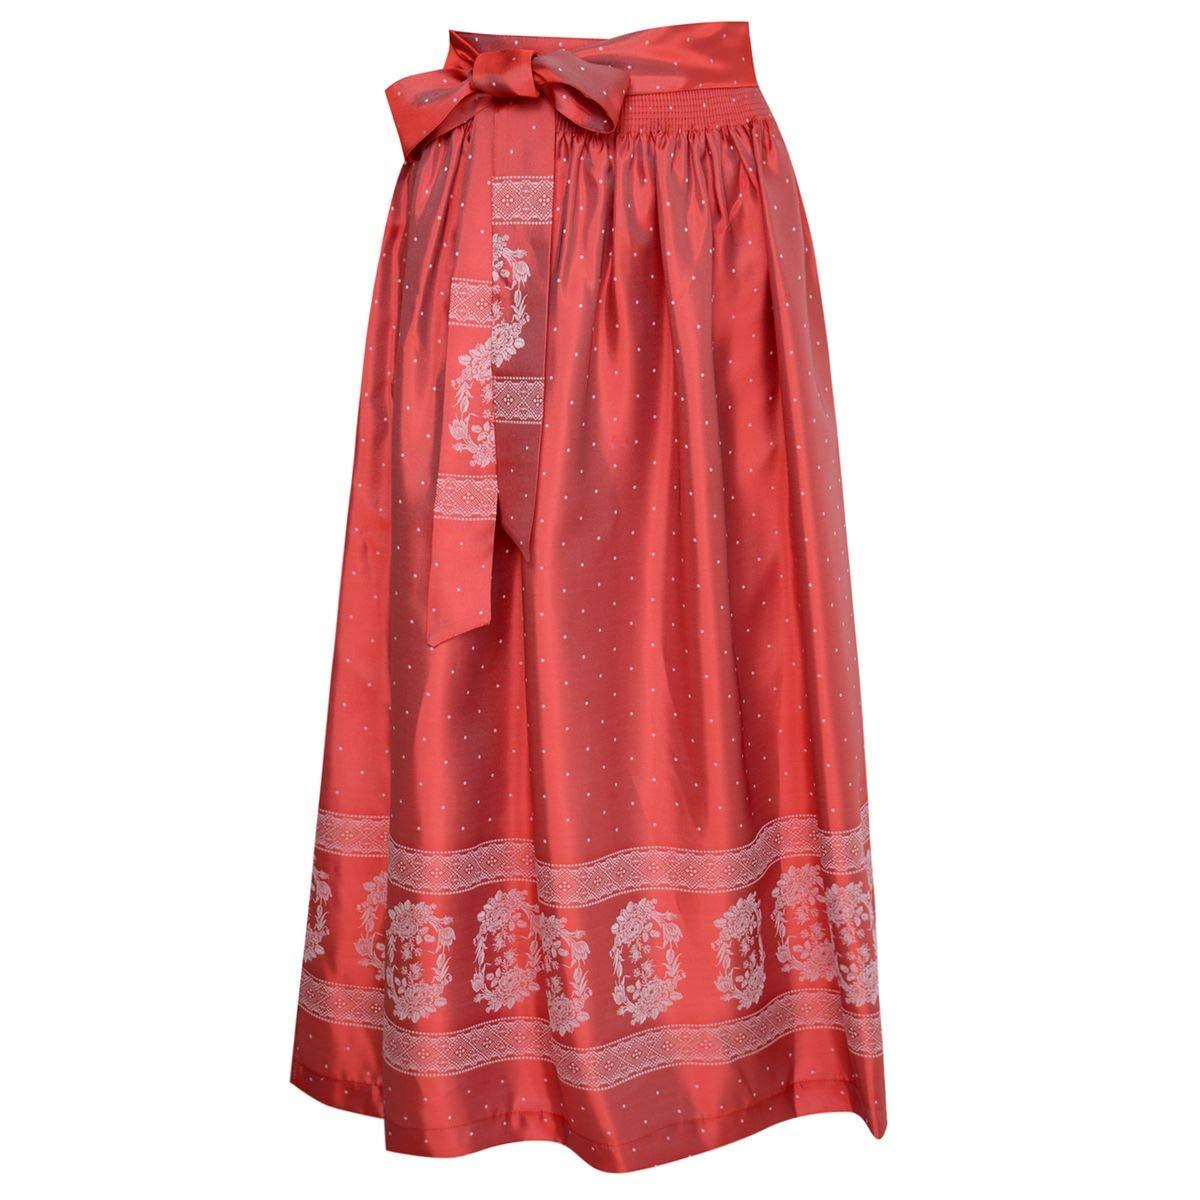 Country Line Damen Trachten-Mode Dirndlschürze Sabine in Rot Traditionell